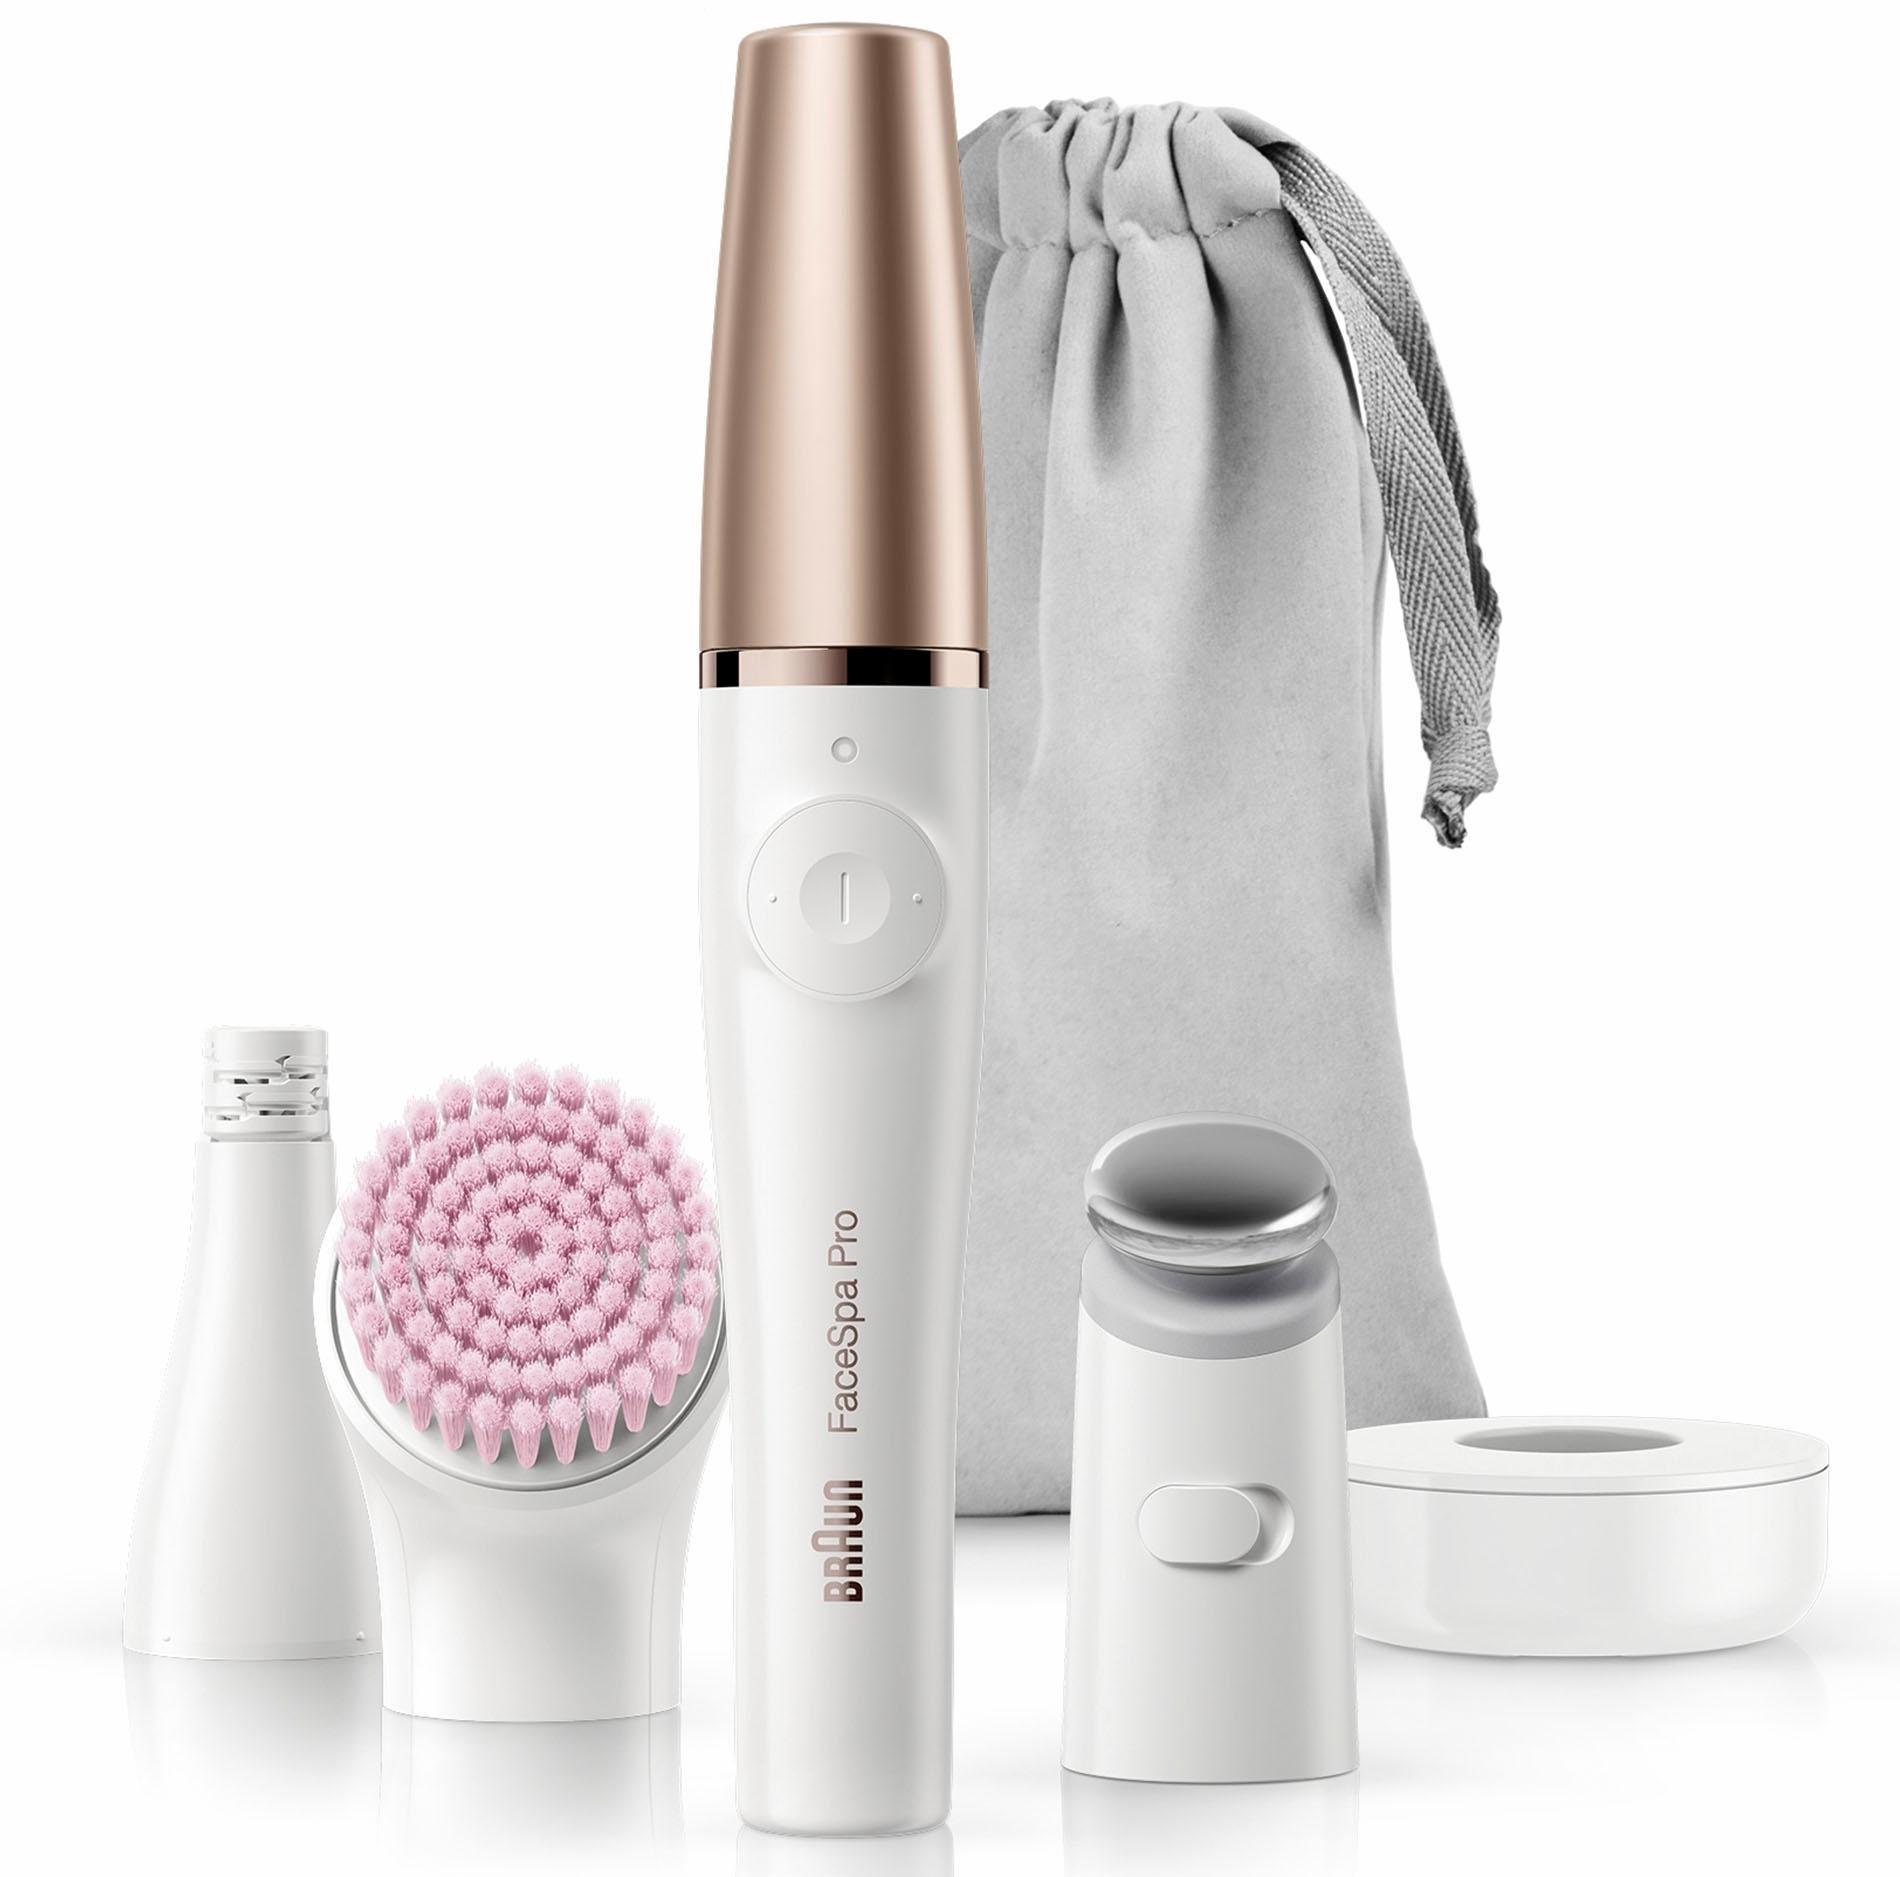 Braun gezichtsepilator FaceSpa Pro 912 met 3 extra's bestellen: 30 dagen bedenktijd